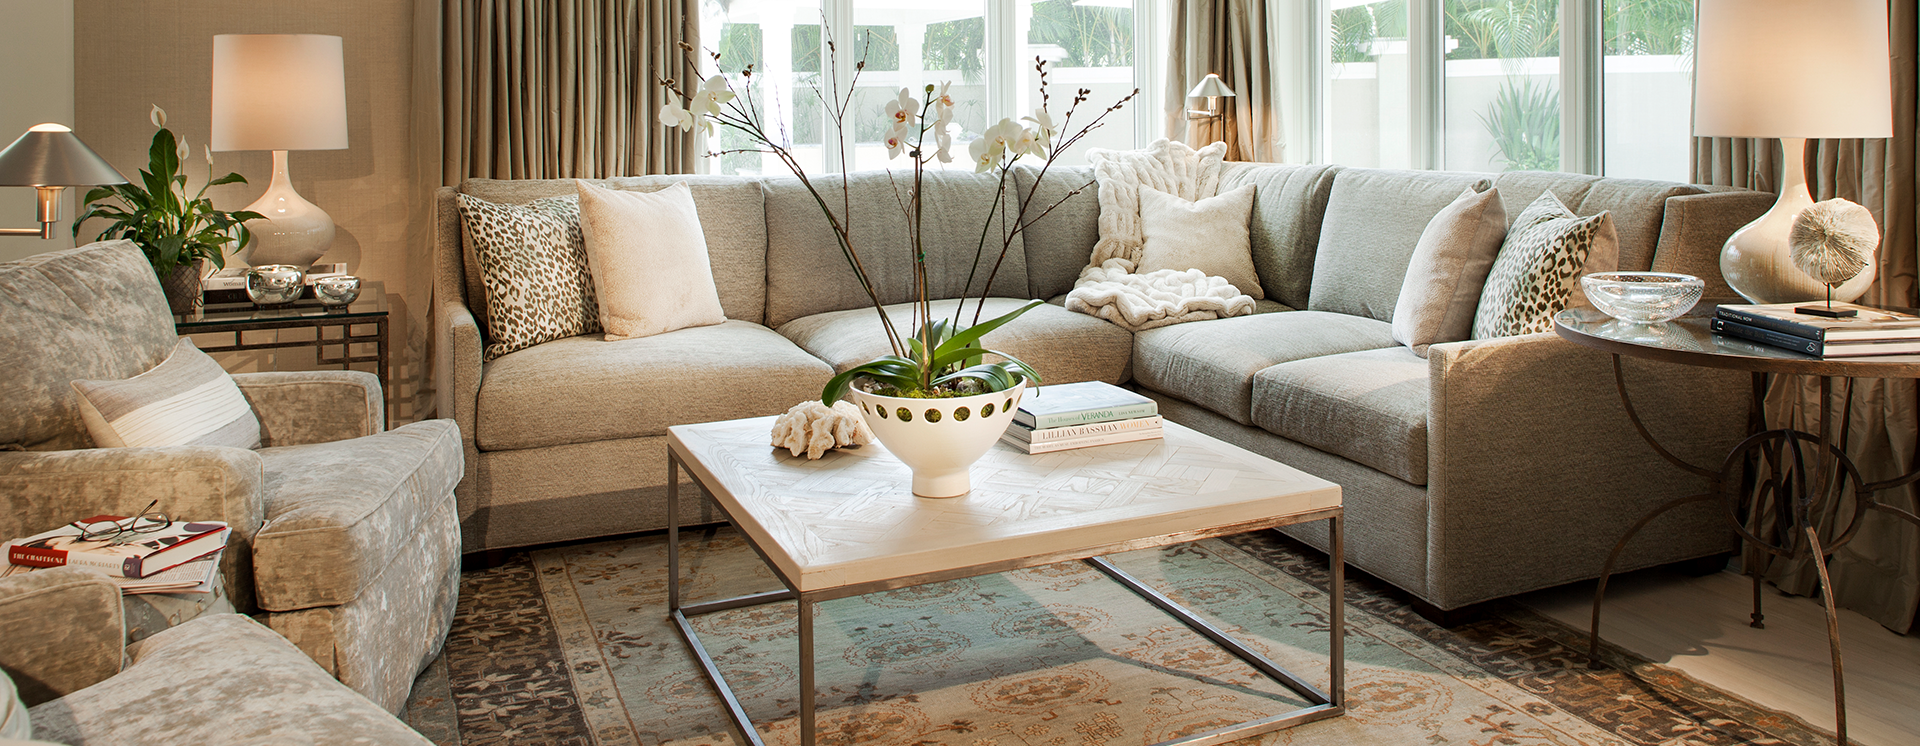 Beau Magnolia Inspiring Interiors